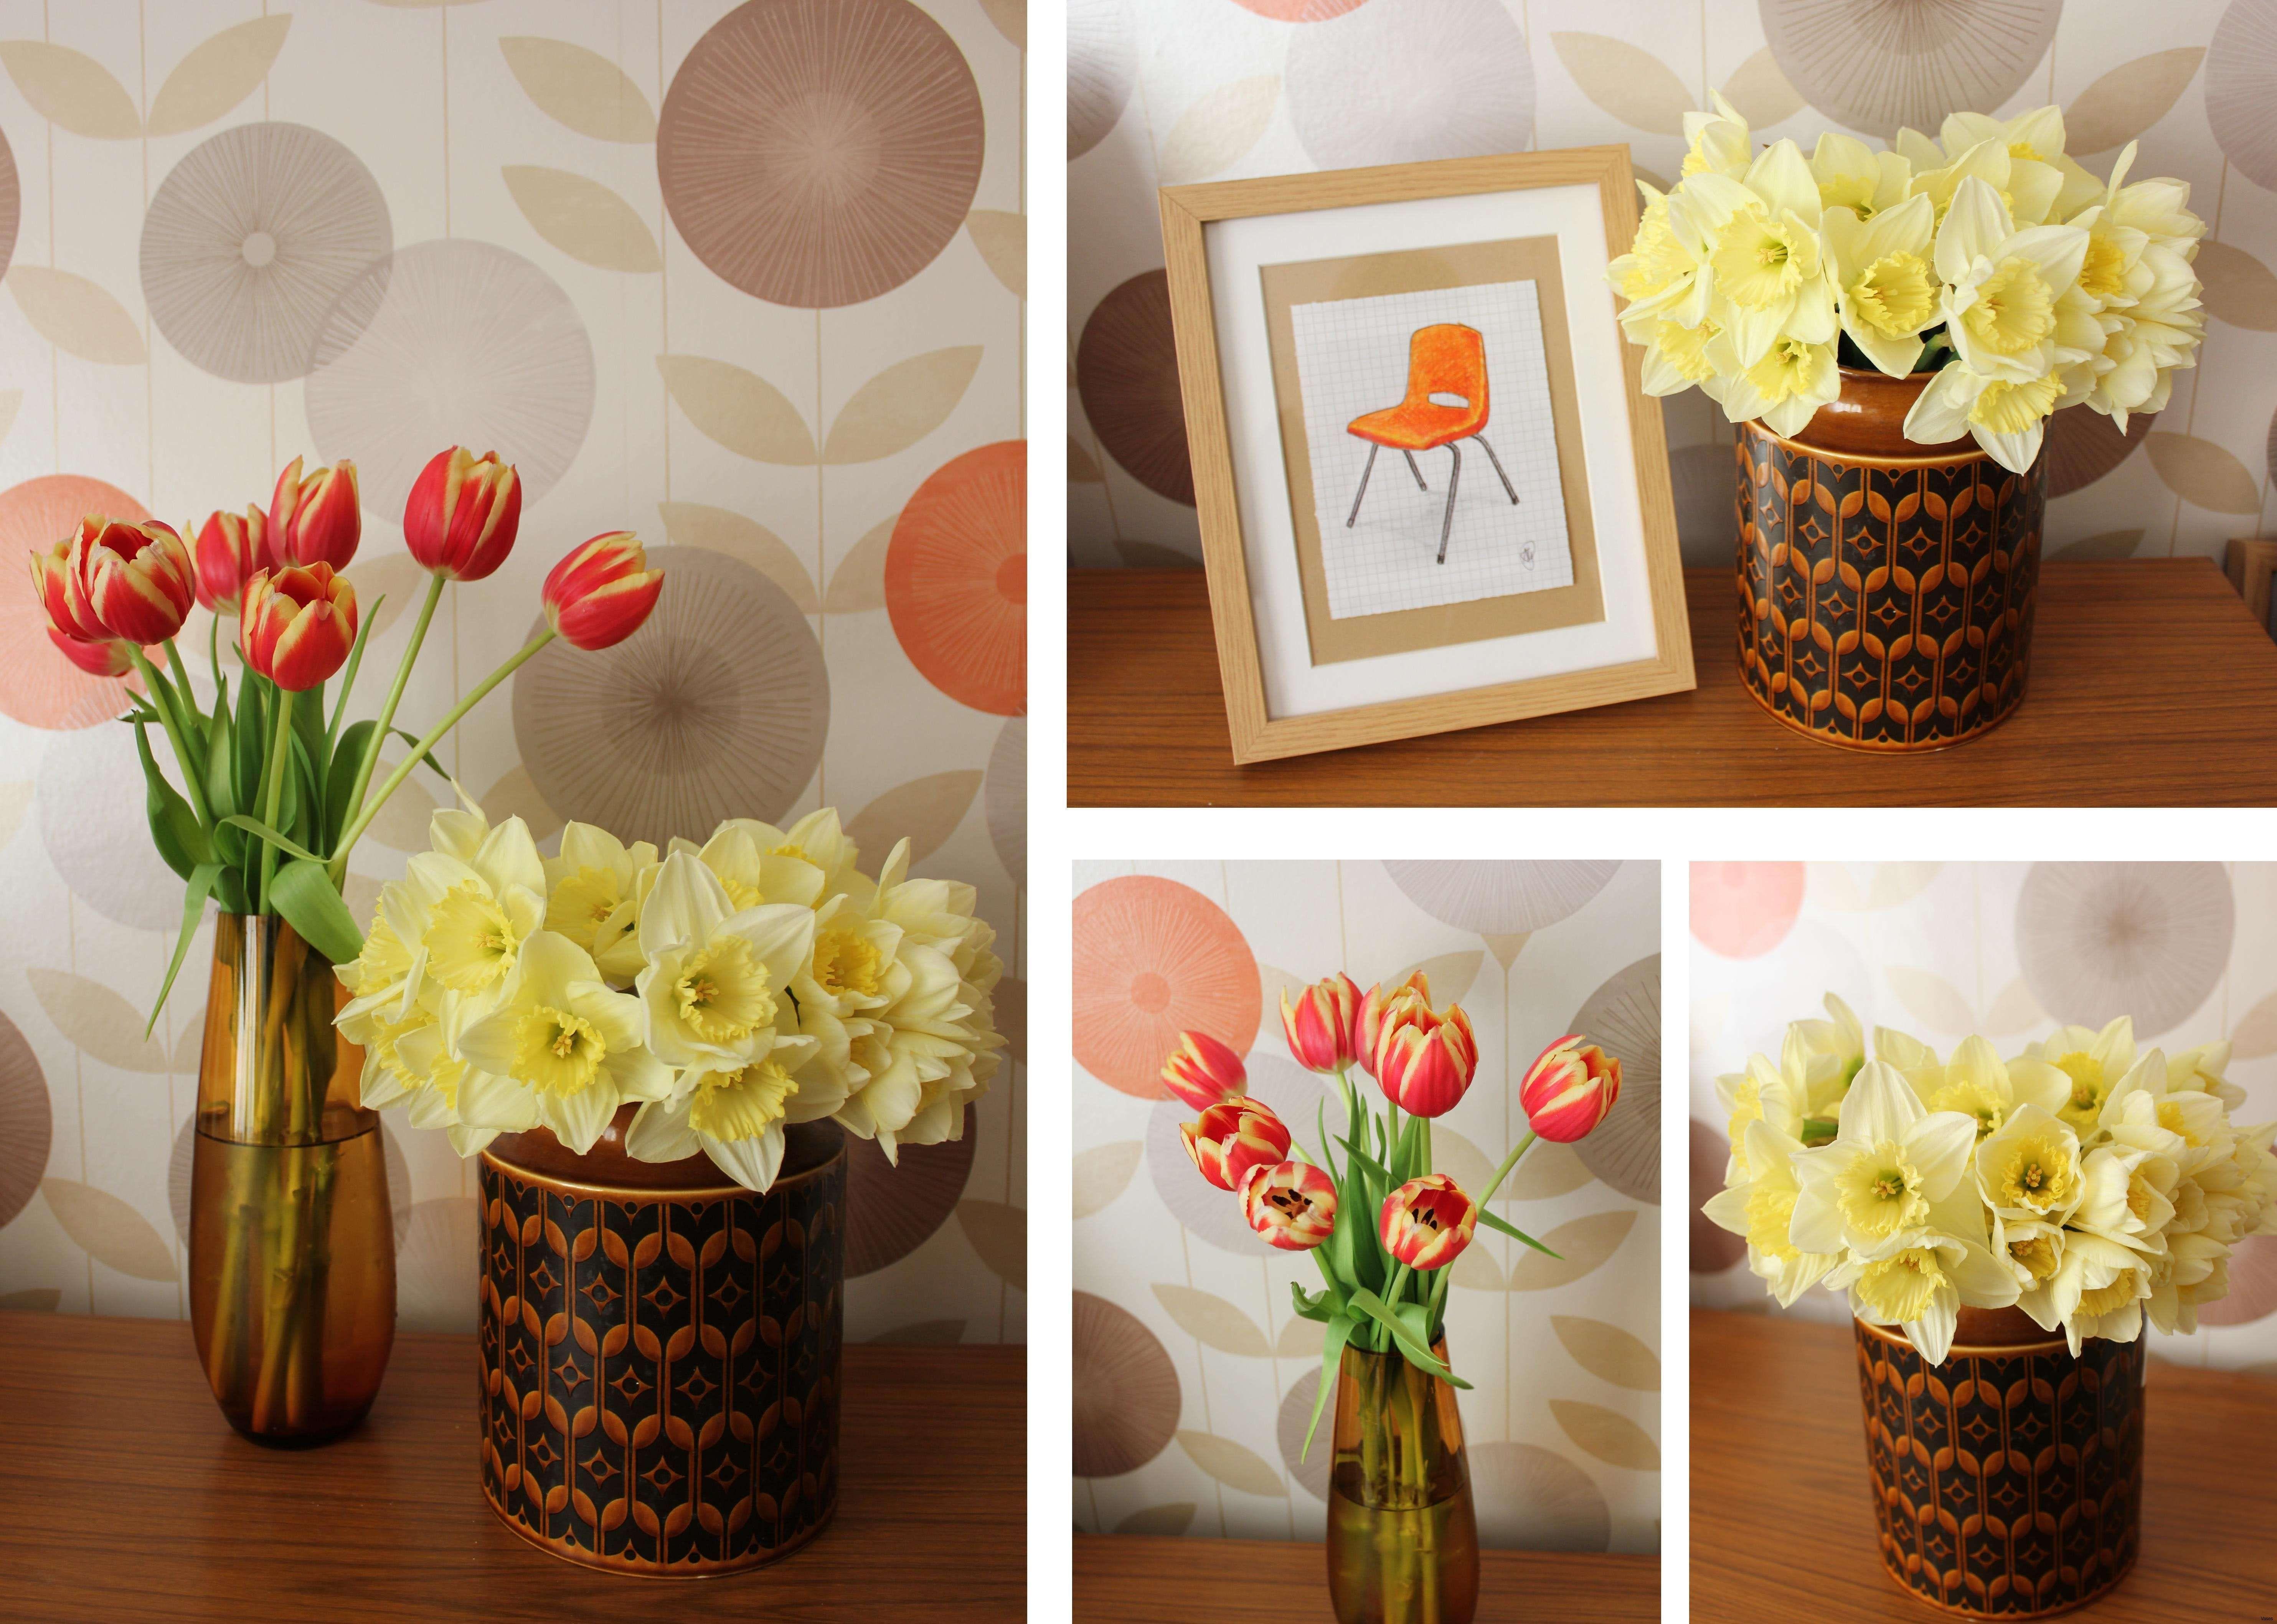 buy cheap cylinder vases in bulk of 6 cylinder vase awesome diy home decor vaseh vases decorative flower inside 6 cylinder vase awesome diy home decor vaseh vases decorative flower ideas i 0